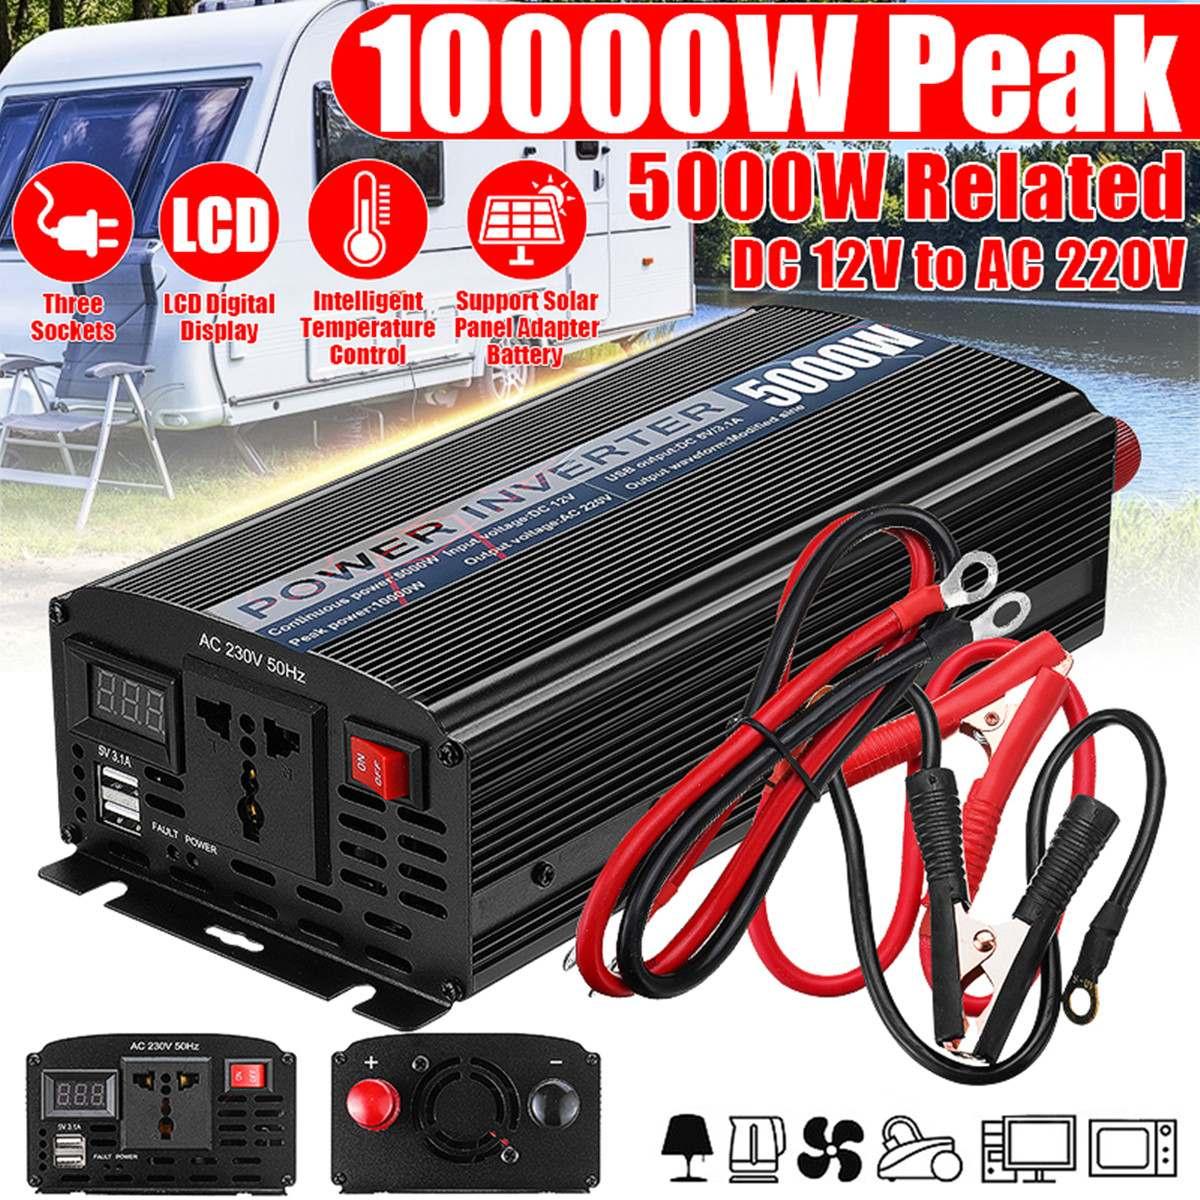 Double USB 10000W DC 12V à AC 220V voiture onduleur chargeur convertisseur adaptateur DC 12 à AC 220 transformateur à onde sinusoïdale modifiée